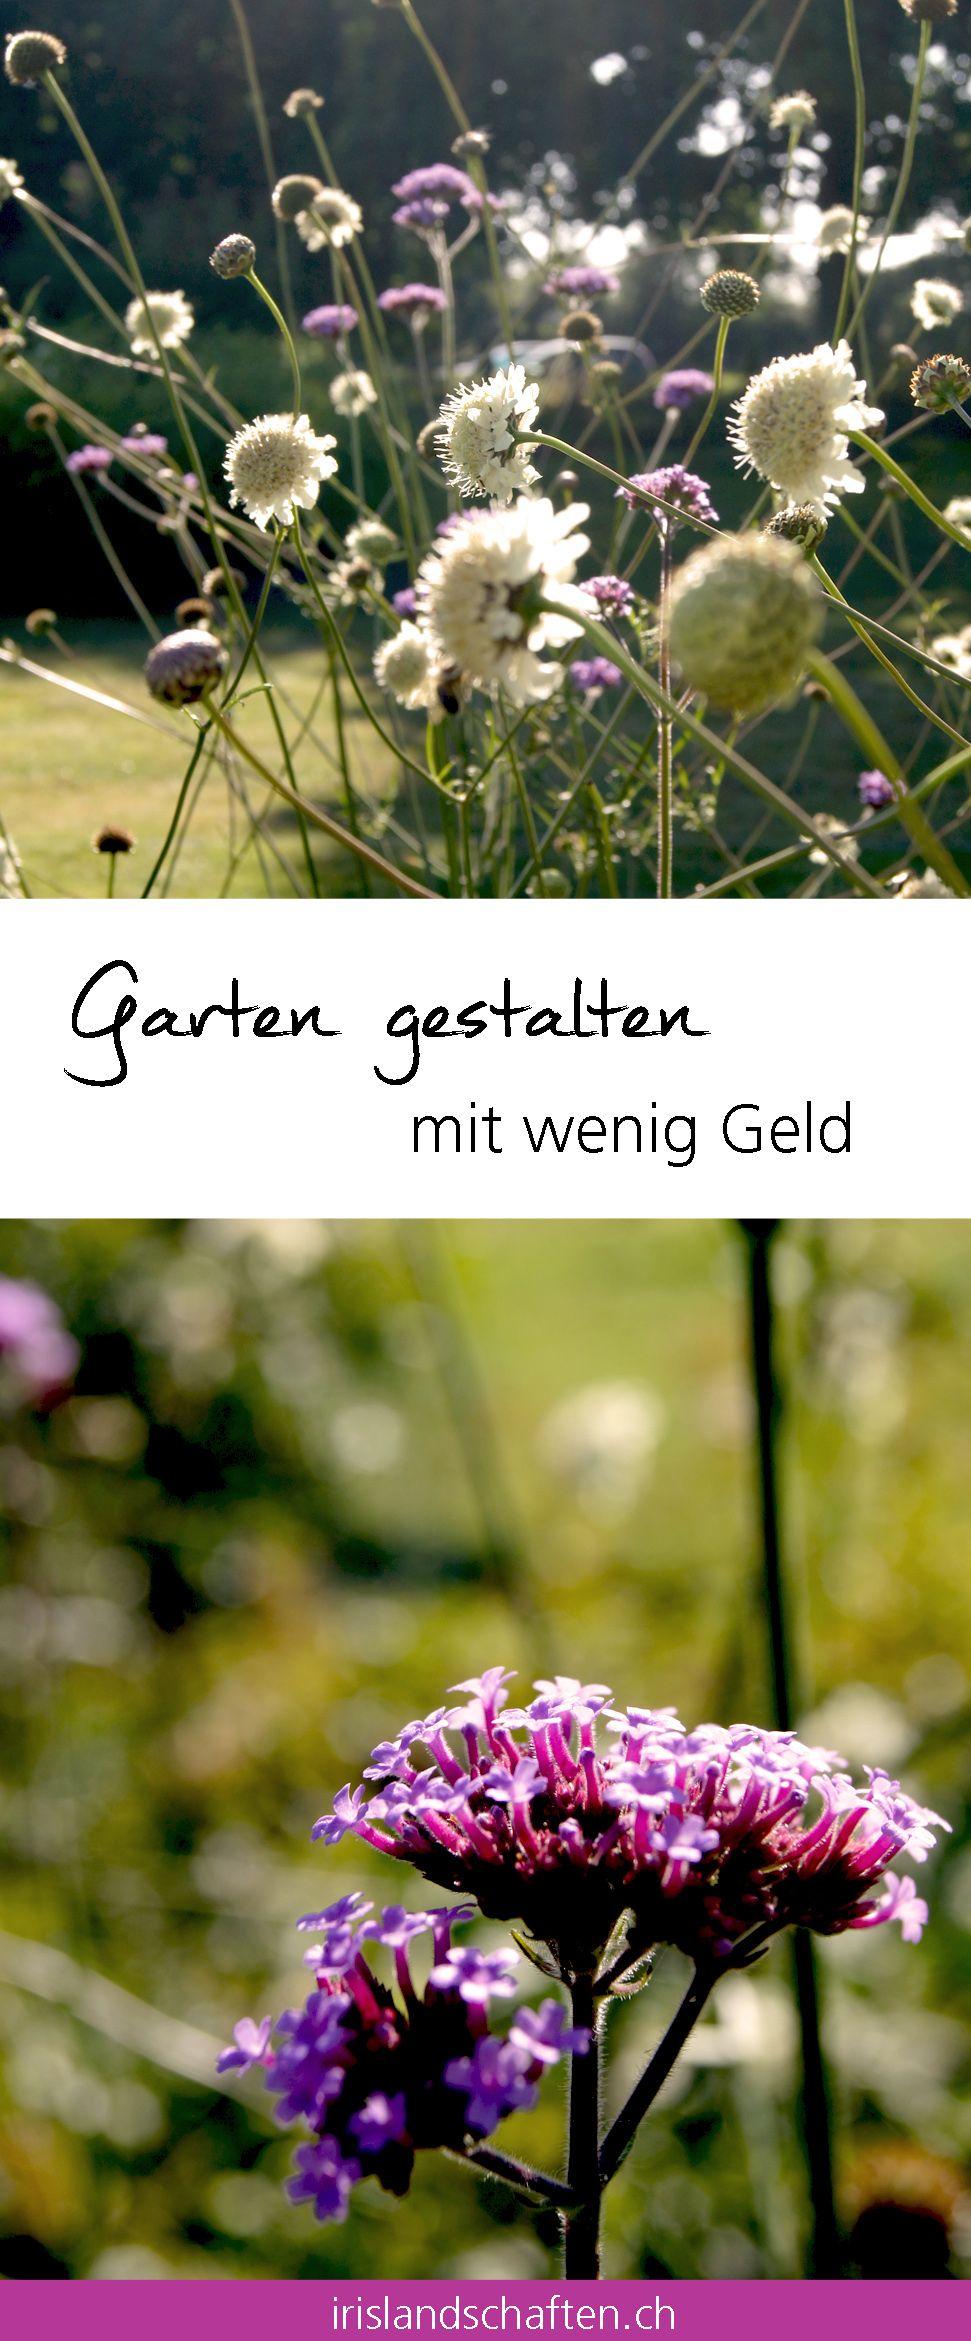 Inspirierend Garten Gestalten Mit Wenig Geld Ideen Von Heute Ist Schon Der Dritte Tag Der